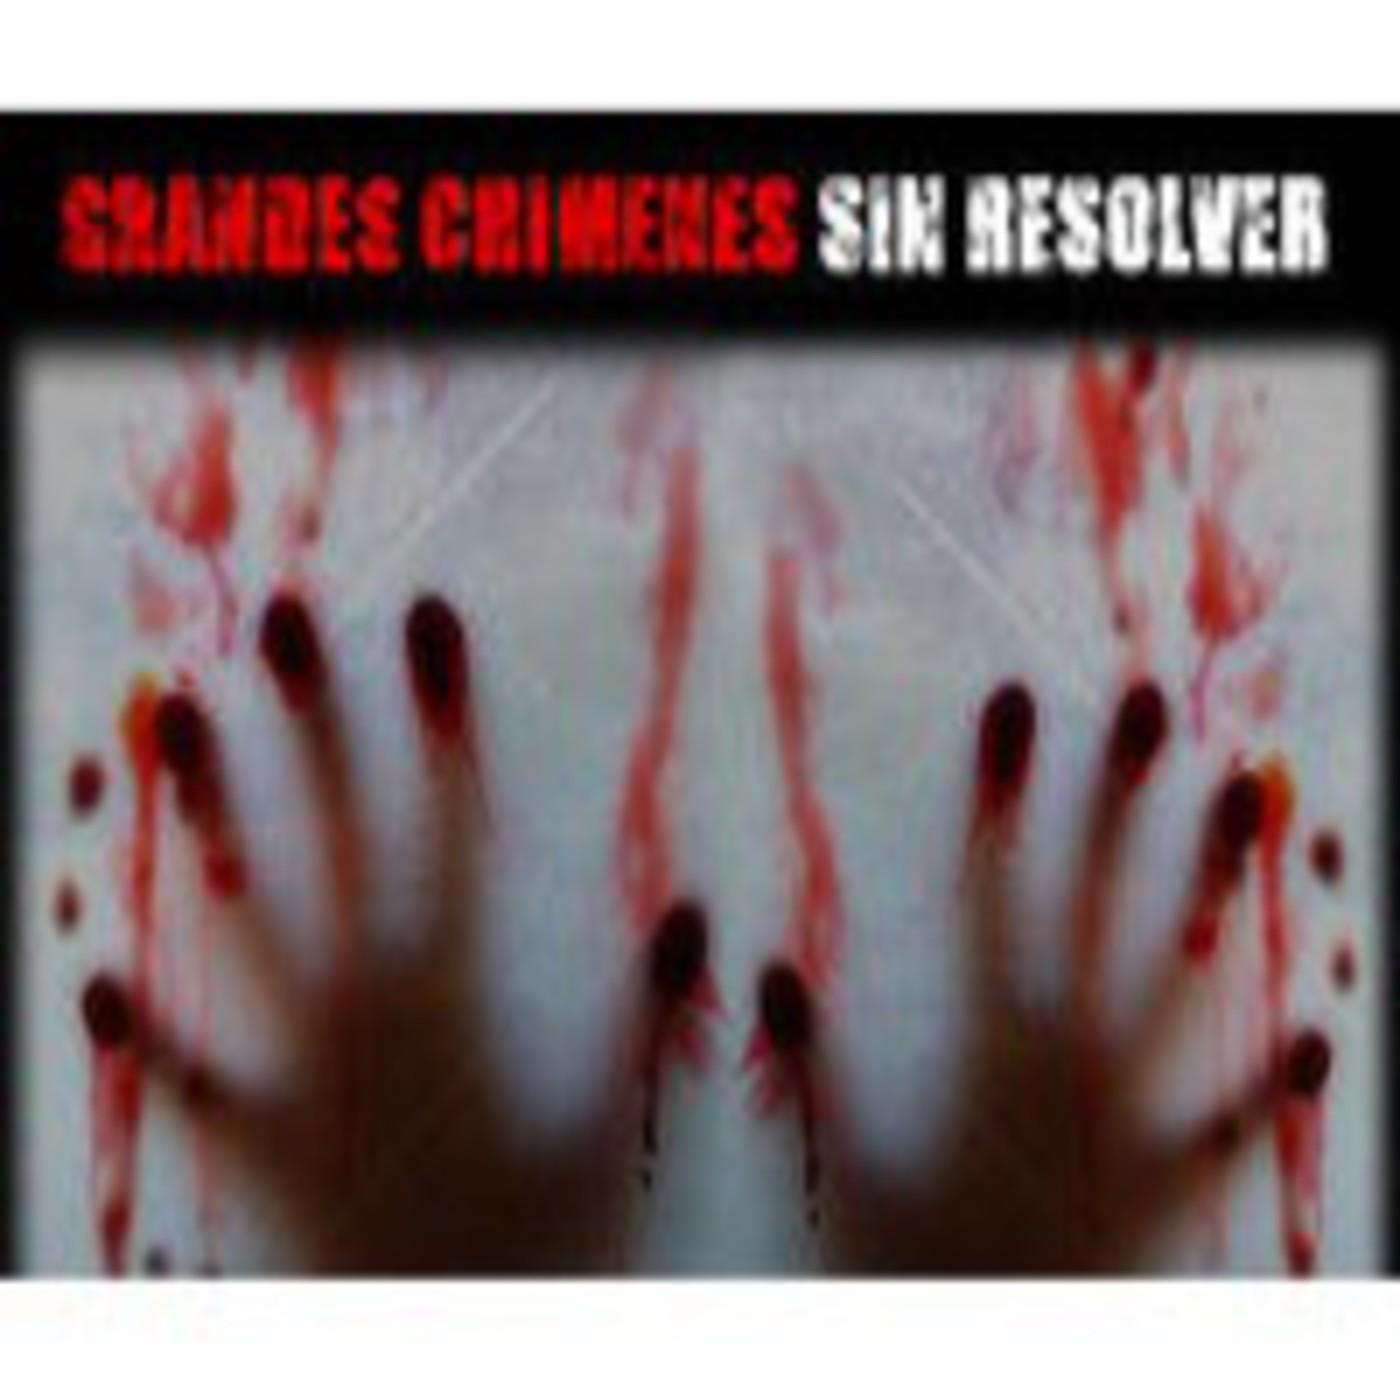 TLL 6x10 (Completo) Grandes Crímenes sin resolver, con Elena Merino